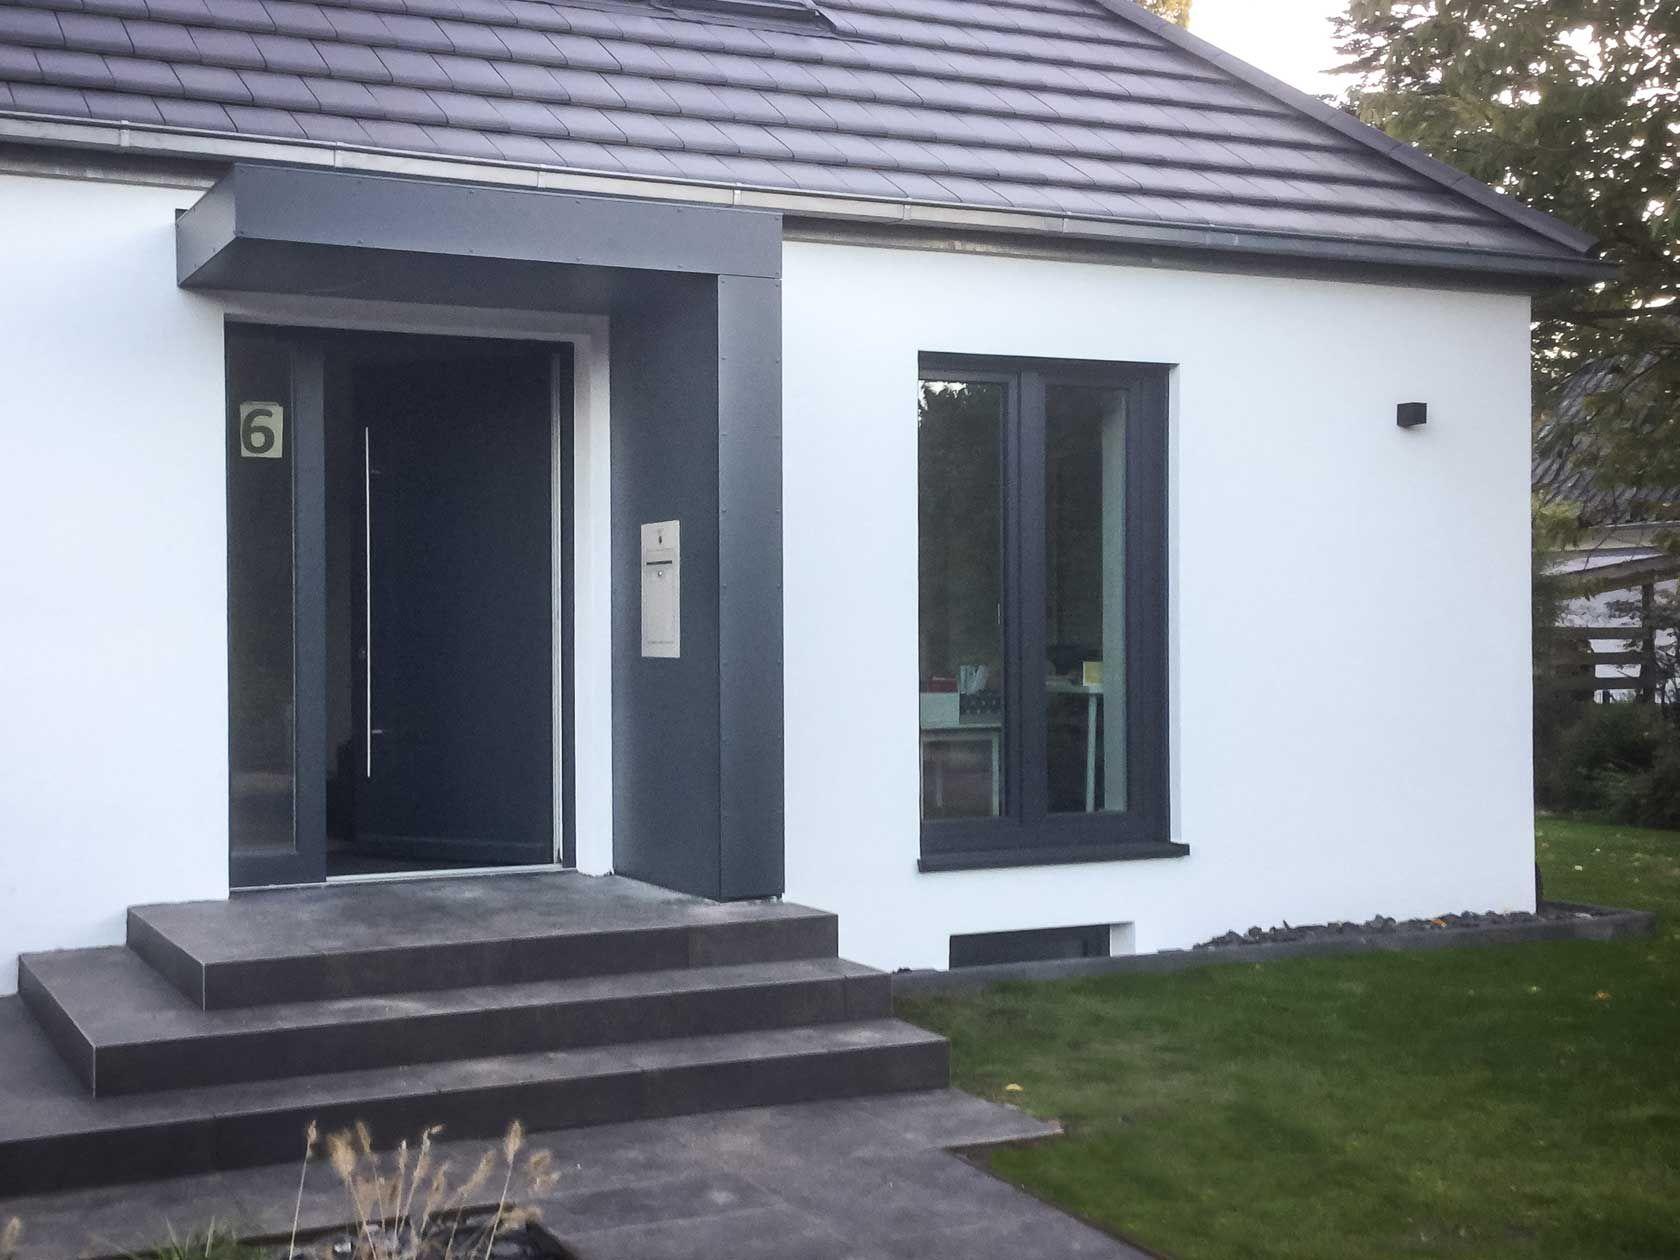 #Vordach #Eingangsüberdachung #Haustürüberdachung #Siebau #Vordach für Haustüren #terassegestalten